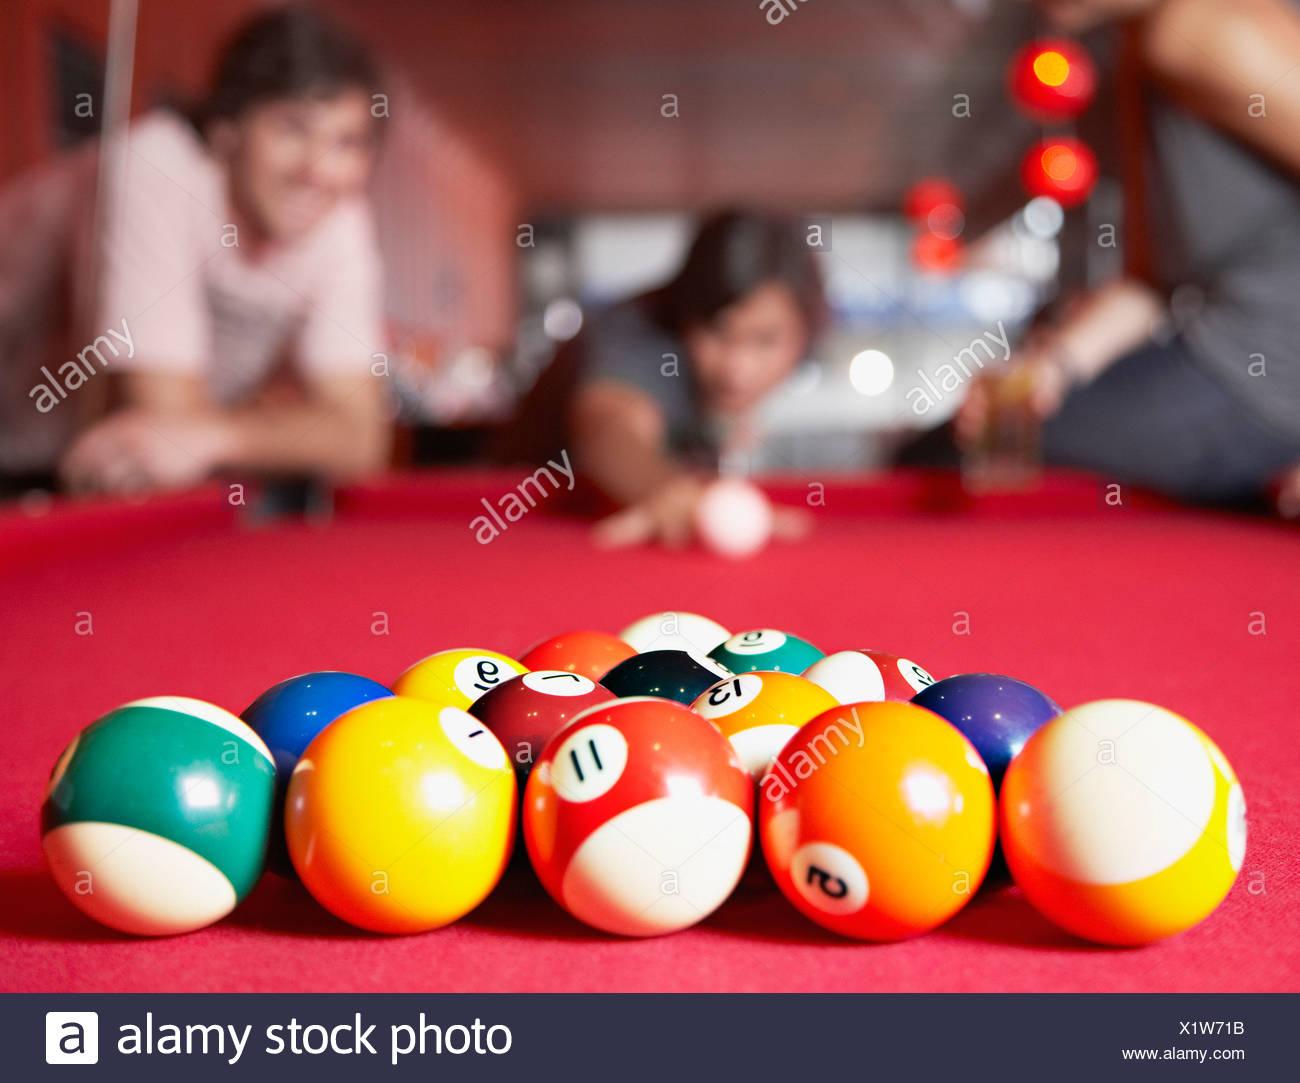 Tre persone a giocare in piscina sulla focalizzazione delle palle di biliardo Immagini Stock